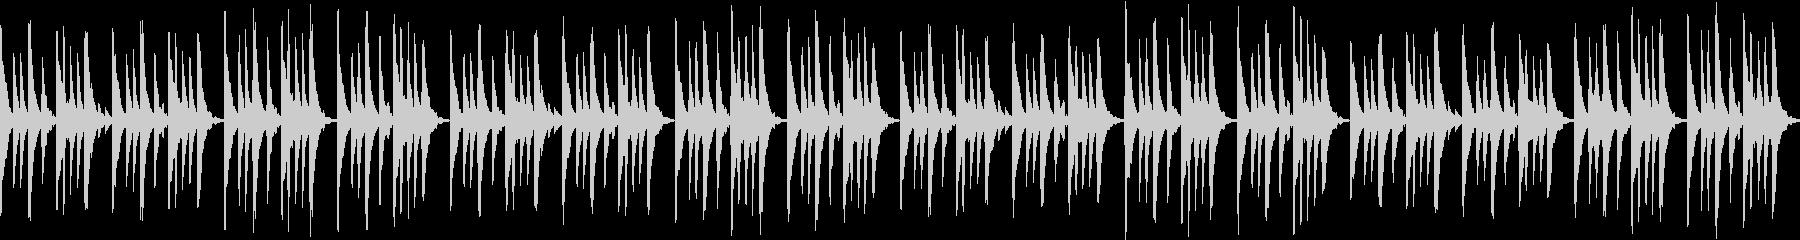 ほのぼの まったり トークBGMや映像にの未再生の波形